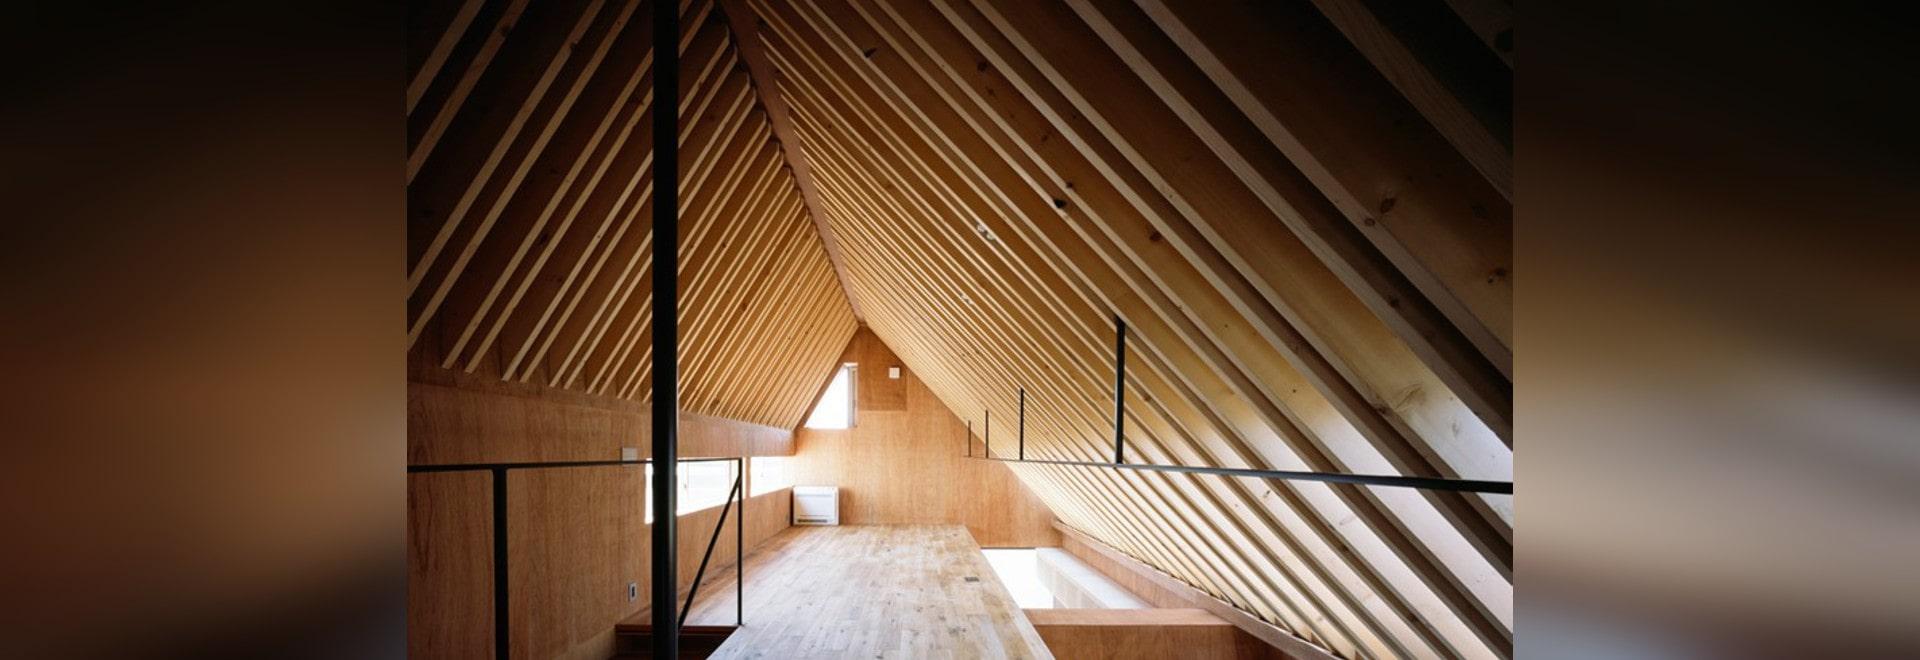 Les Architectes D Apollo Augmente Le Plafond Asym Trique De La